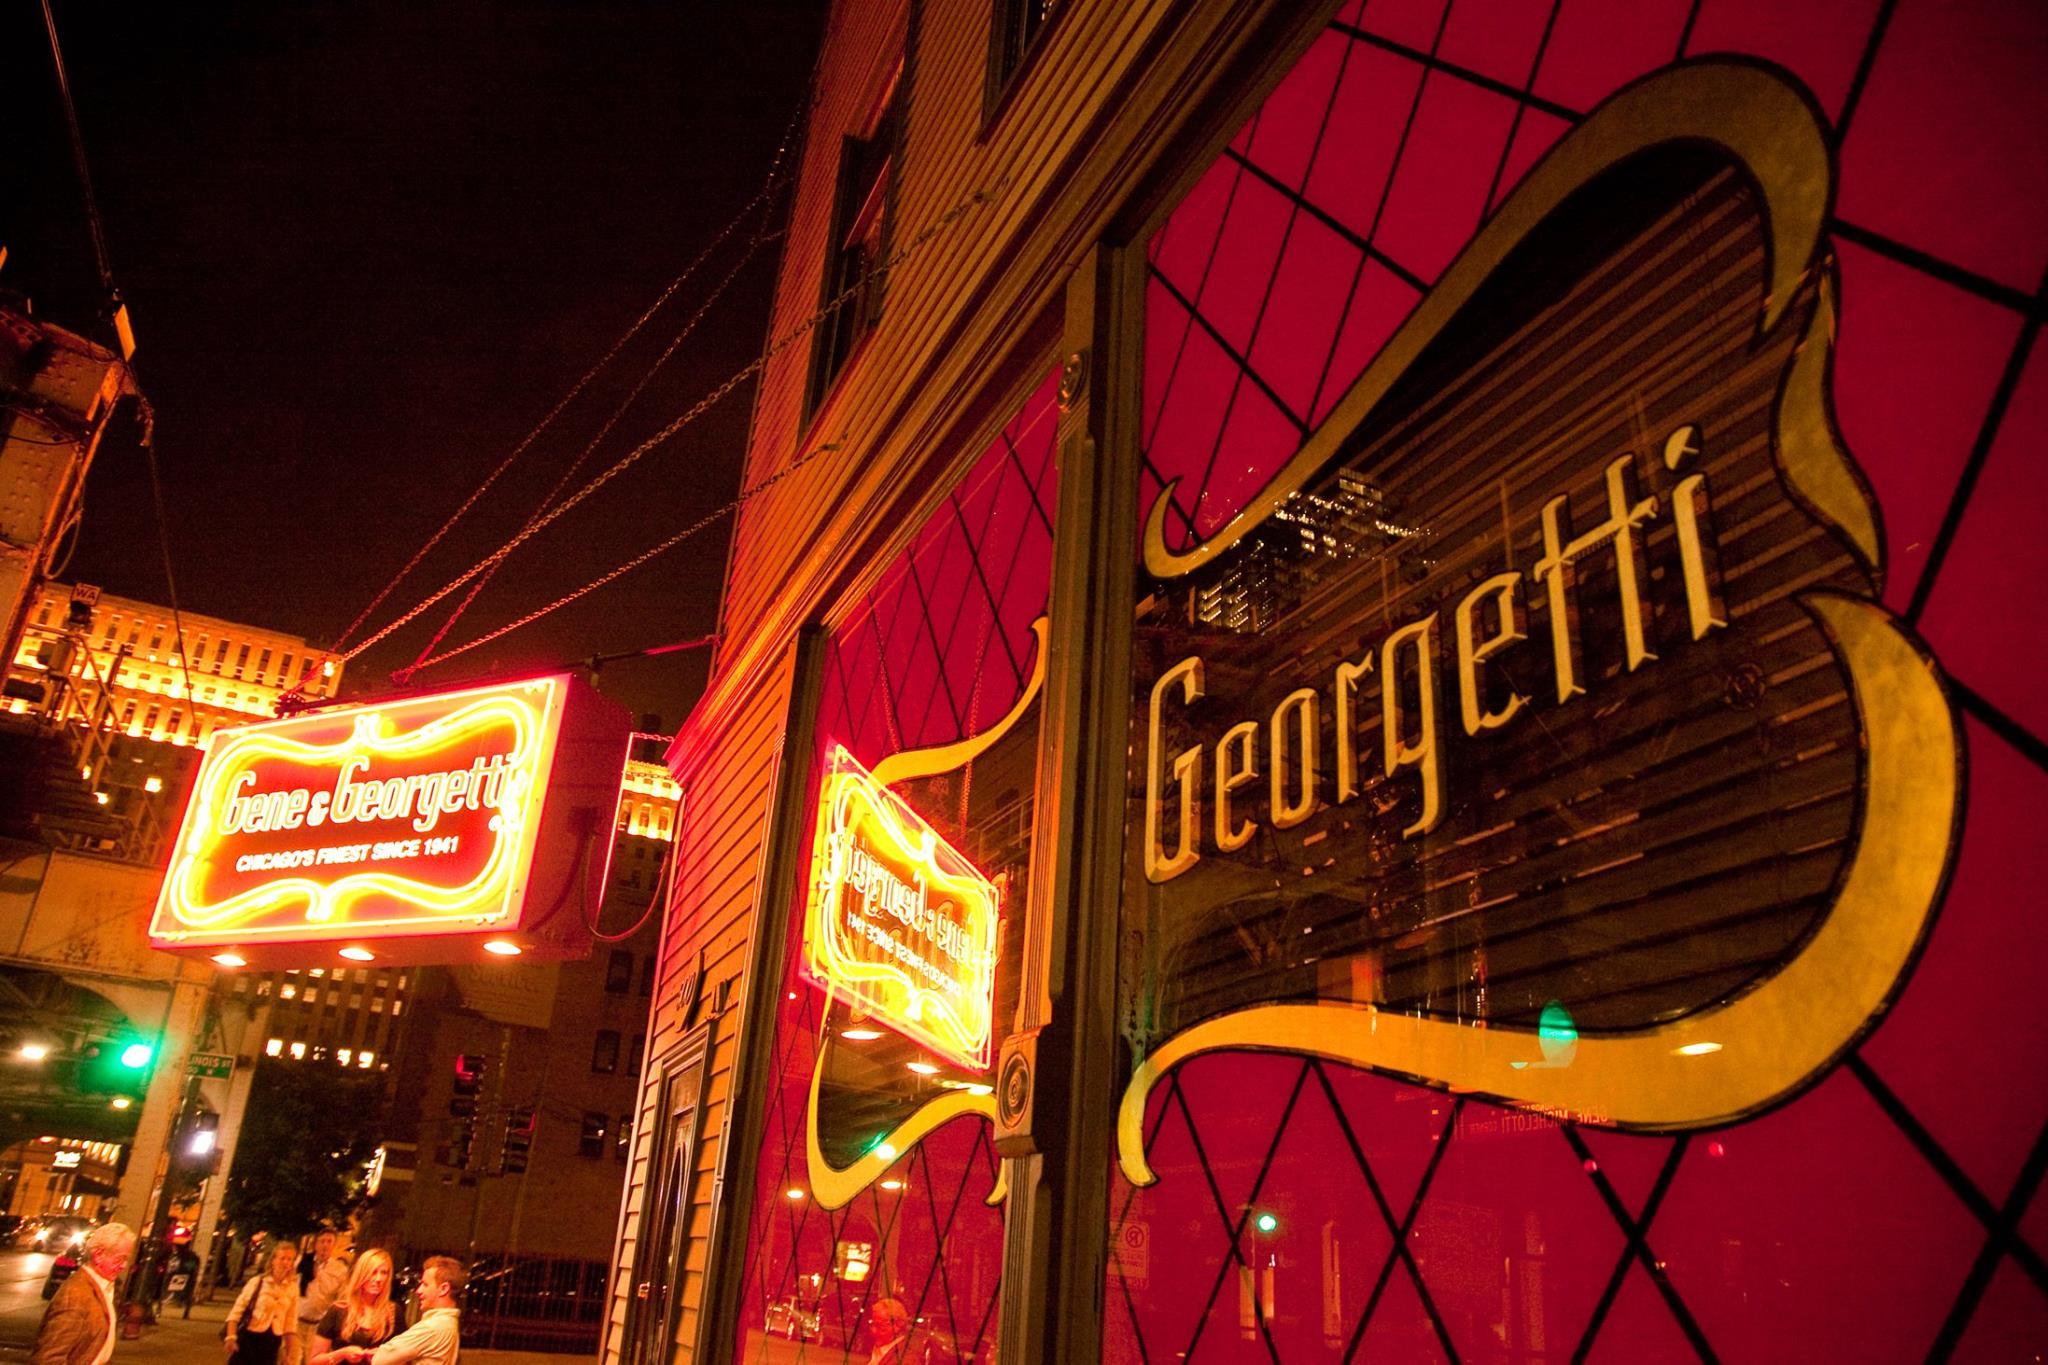 Gene & Georgetti